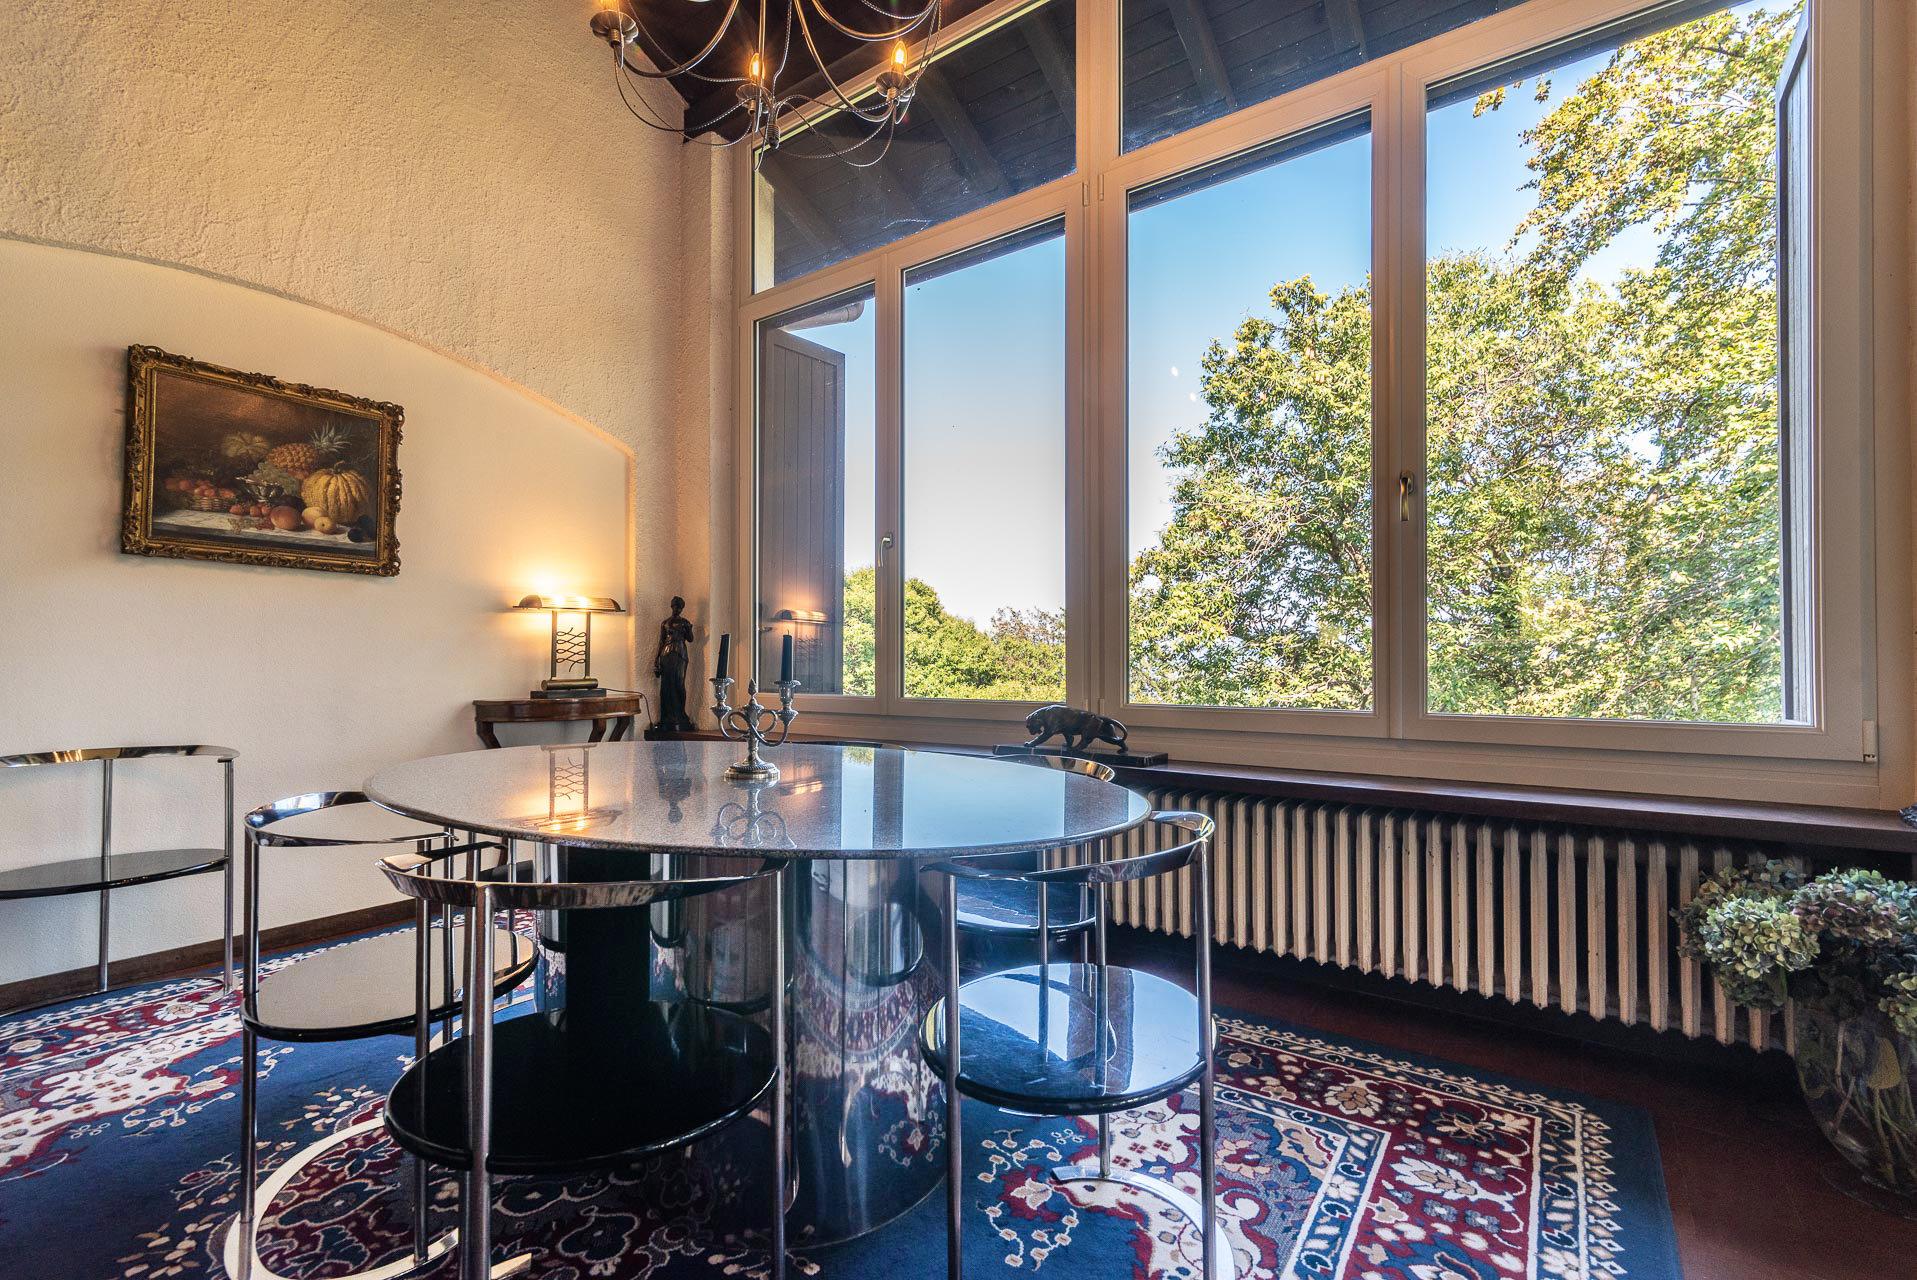 Villa con piscina in vendita all'interno di un residence a Gignese